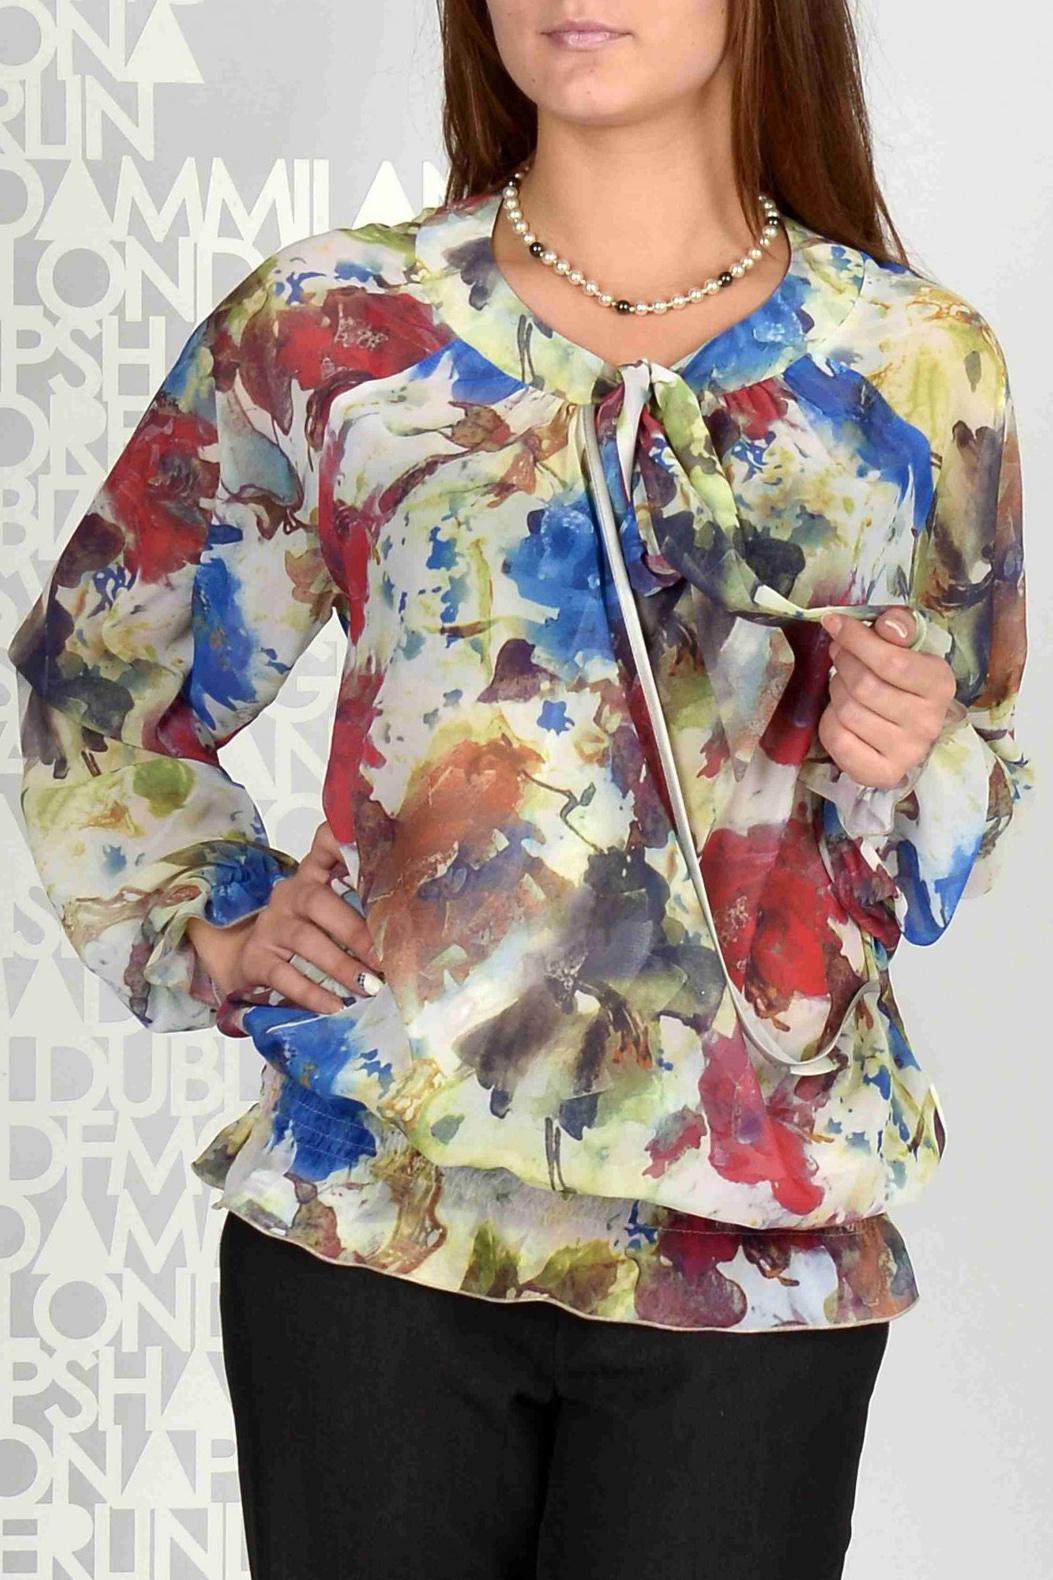 БлузаБлузки<br>Эта элегантная шифоновая блузка станет отличным выбором для представительниц прекрасного пола. Ее яркая расцветка освежит и оживит женский образ. Свободный крой этой модели позволяет носить такую блузку девушкам с любой фигурой. Отличительной особенностью этого изделия является горловина с завязывающимся спереди бантом, а также отделка низа блузы и рукавов несколькими строчками резинки. Блузка свободного силуэта из набивного шифона. Перед с глубоким запахом и сборкой по срезу притачивания кокетки горловины. Спинка без отличительных  особенностей. Рукава покроя реглан, длинные. Горловина округлая, обработана узкими двойными кокетками, переходящими в длинный завязывающийся бант. Низ блузы и рукавов присобран несколькими рядами строчек нитки-резинки.  Длина изделия около 62 см.  Цвет: молочный, мультицвет  Ростовка изделия 170 см.<br><br>Горловина: С- горловина<br>По материалу: Шифон<br>По рисунку: С принтом,Цветные<br>По сезону: Весна,Зима,Лето,Осень,Всесезон<br>По силуэту: Свободные<br>По стилю: Повседневный стиль<br>По элементам: С воланами и рюшами<br>Рукав: Длинный рукав<br>Размер : 50,52<br>Материал: Шифон<br>Количество в наличии: 3